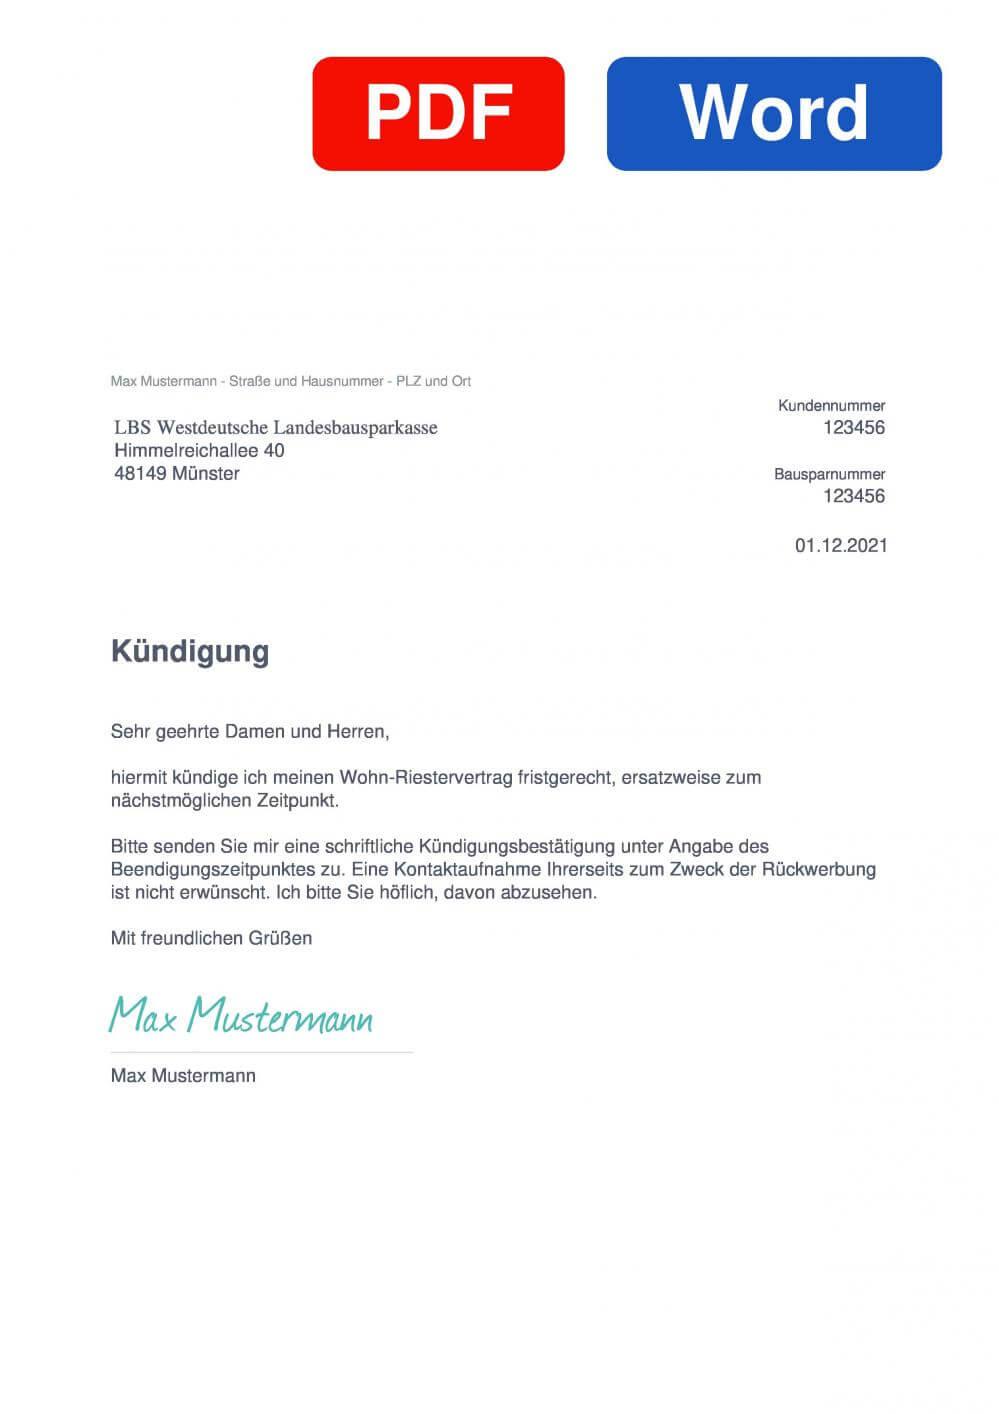 LBS Westdeutsche Landesbausparkasse  Muster Vorlage für Kündigungsschreiben